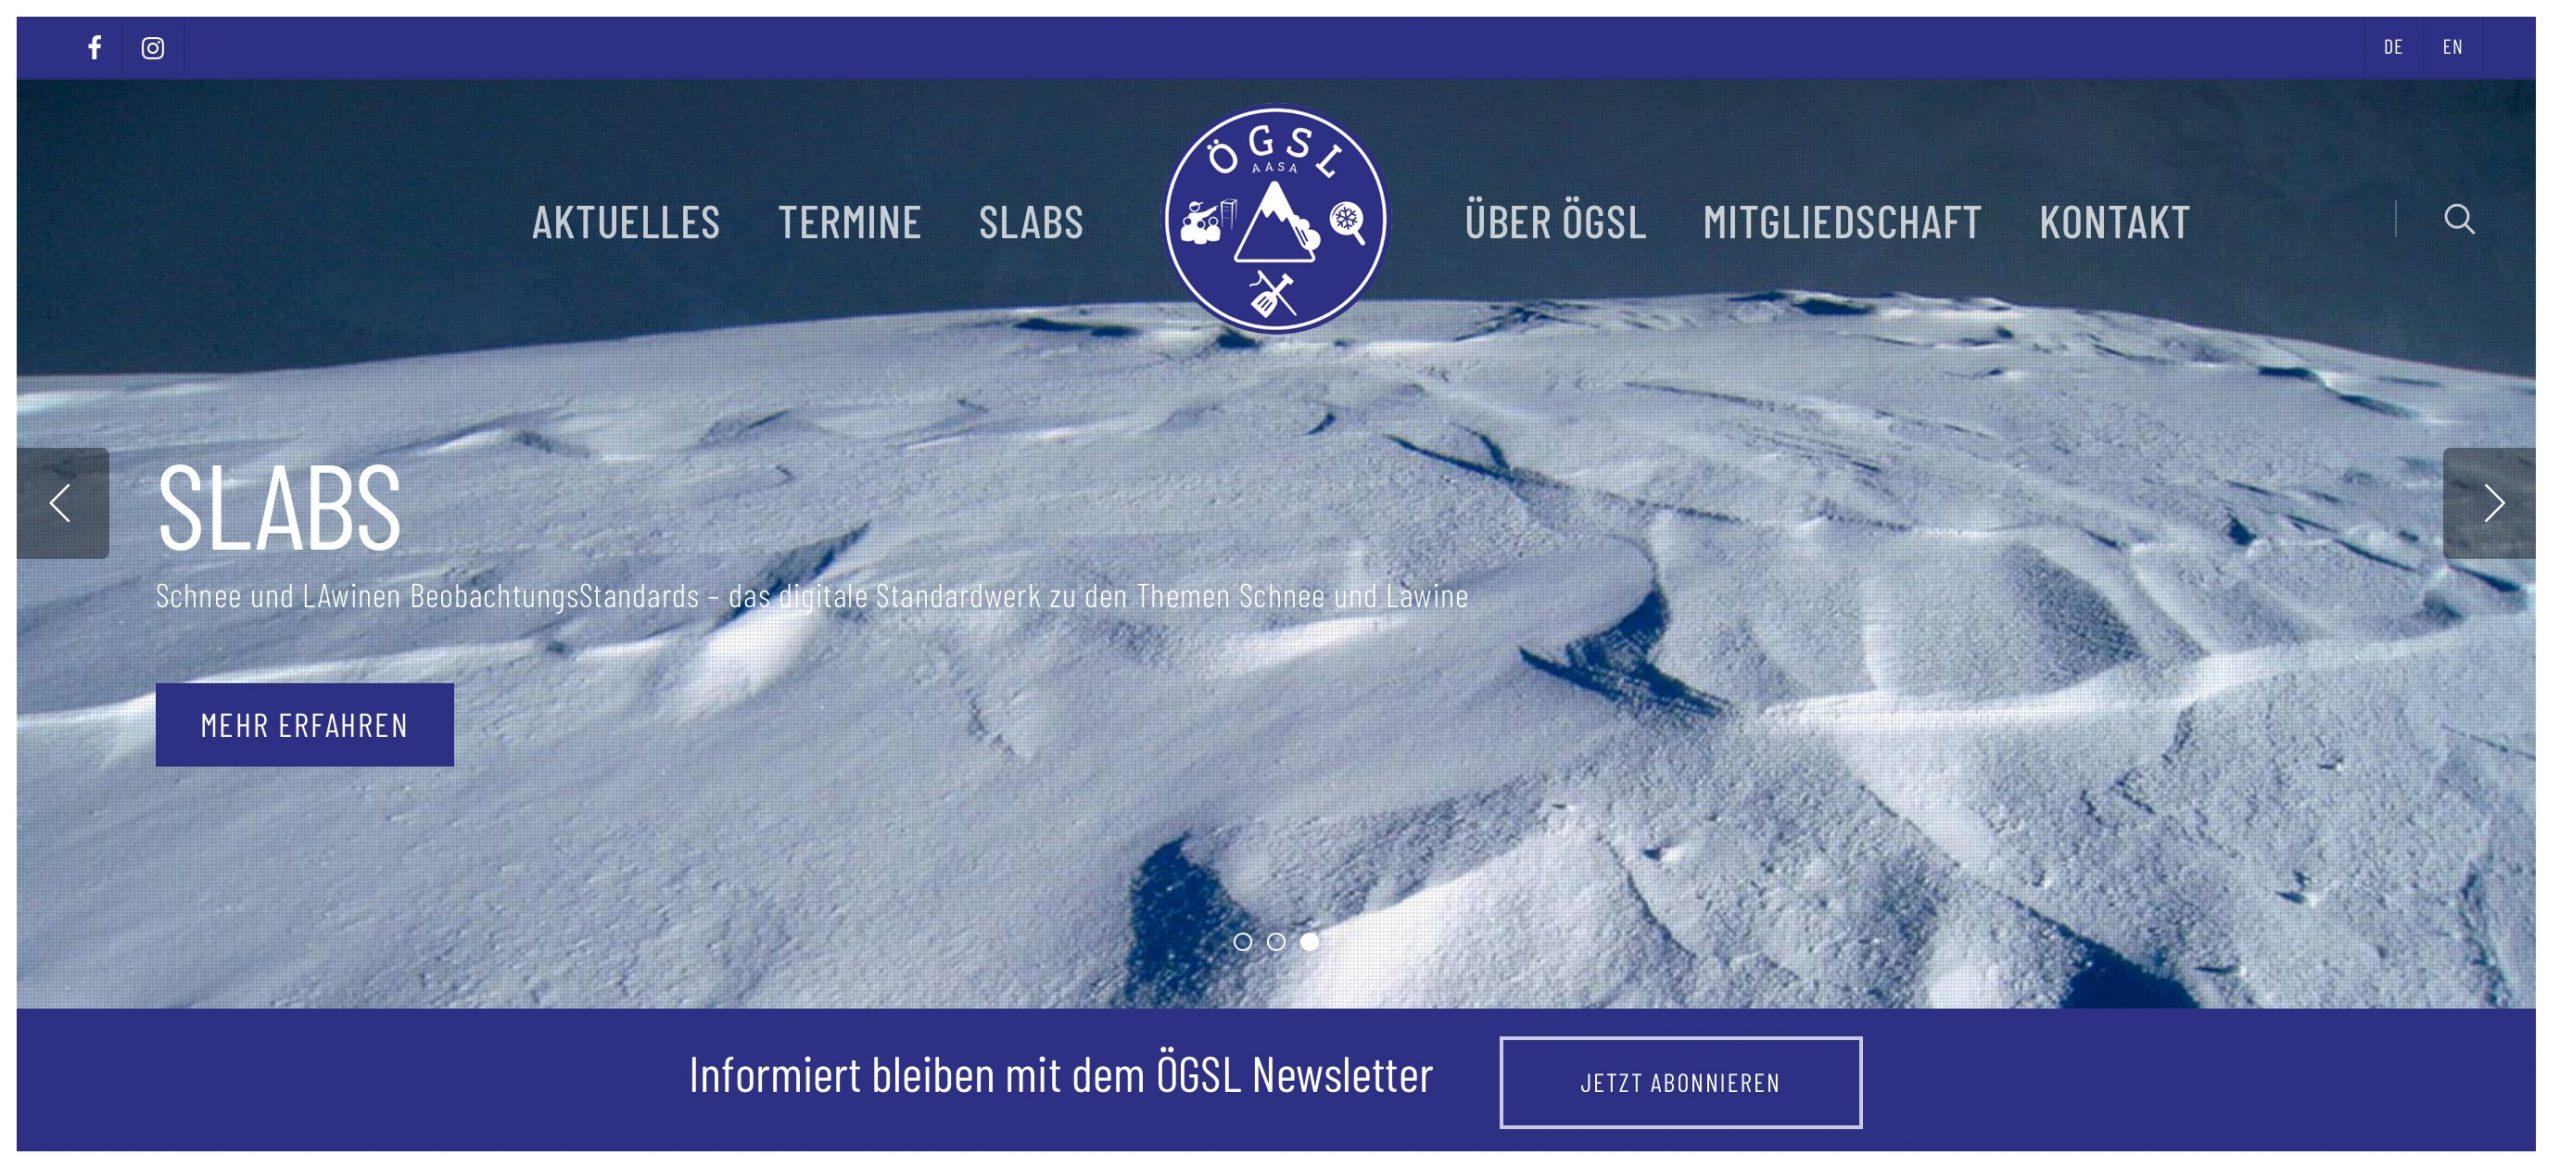 ÖGSL Österreichische Gesellschaft für Schnee & Lawinen I alpinonline